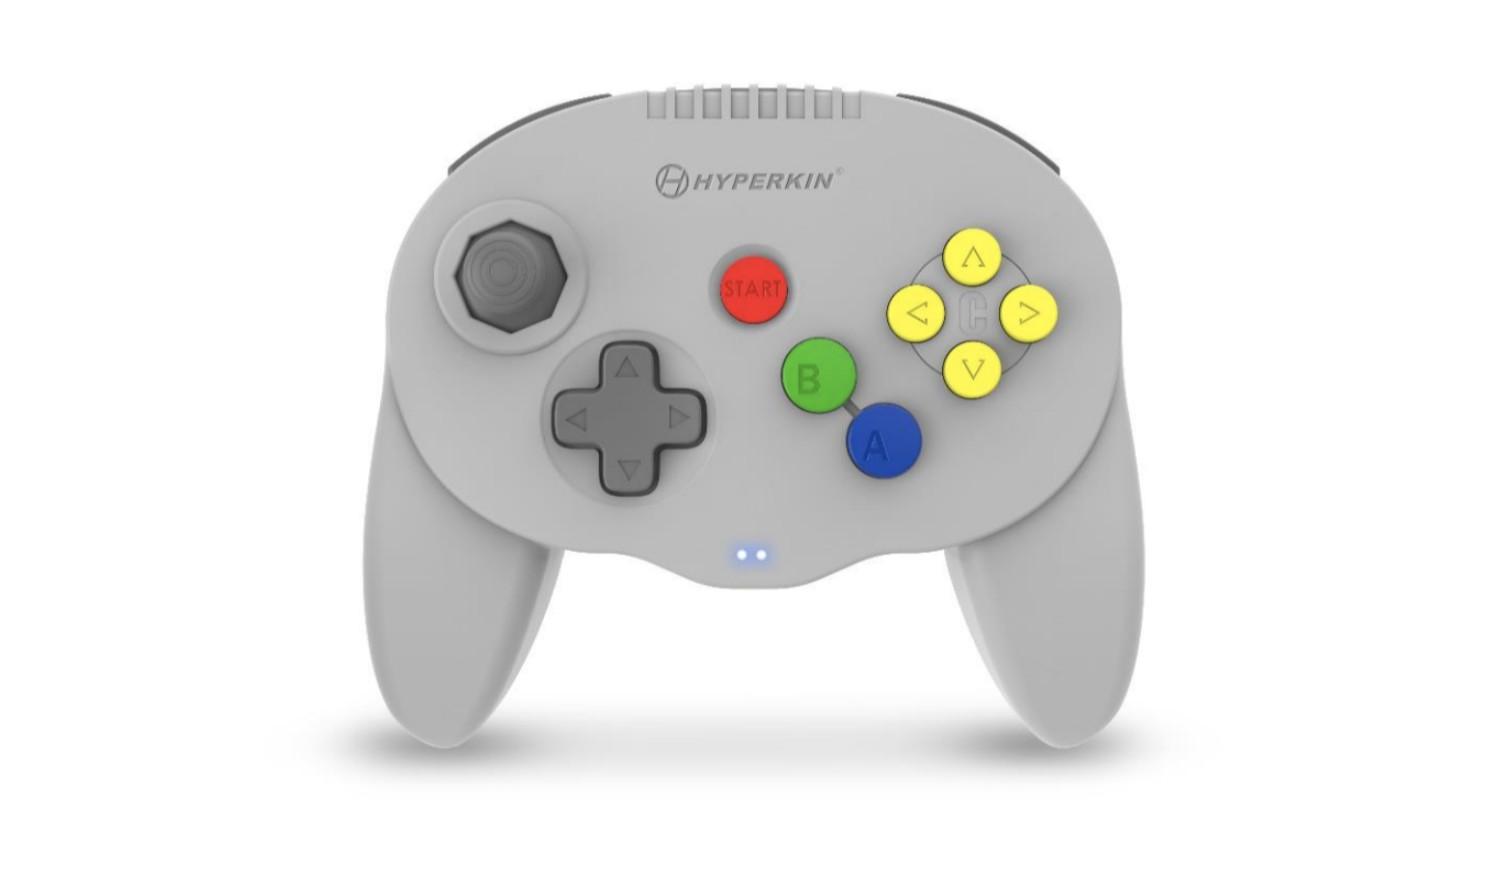 Hyperkin's Admiral is a wireless Bluetooth Nintendo 64 controller